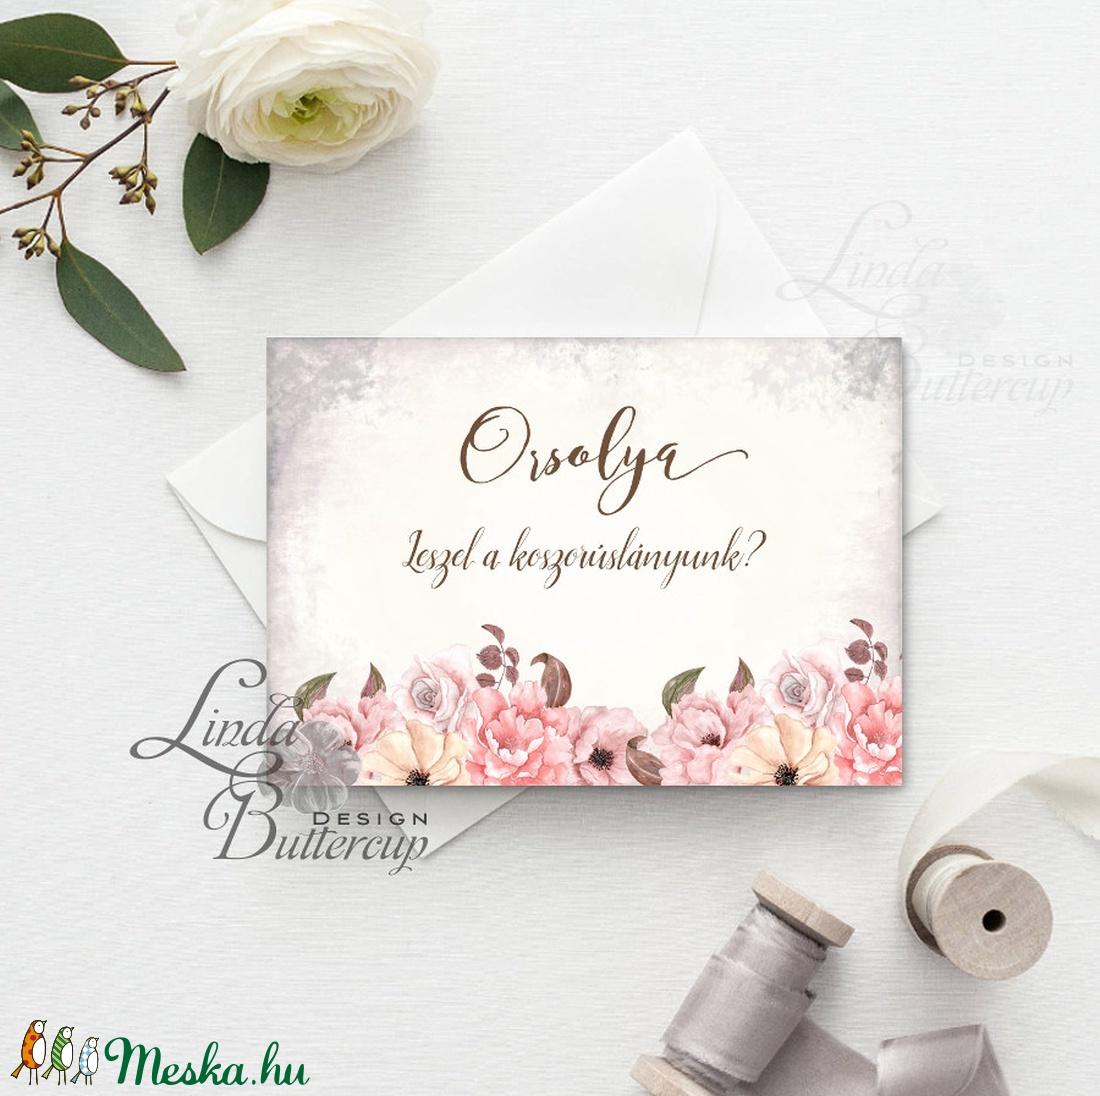 Koszorúslány felkérő lap, Tanú felkérő lap, Esküvői Képeslap, virágos, natúr, esküvői meghívó, tanú, esküvő - esküvő - meghívó & kártya - meghívó - Meska.hu